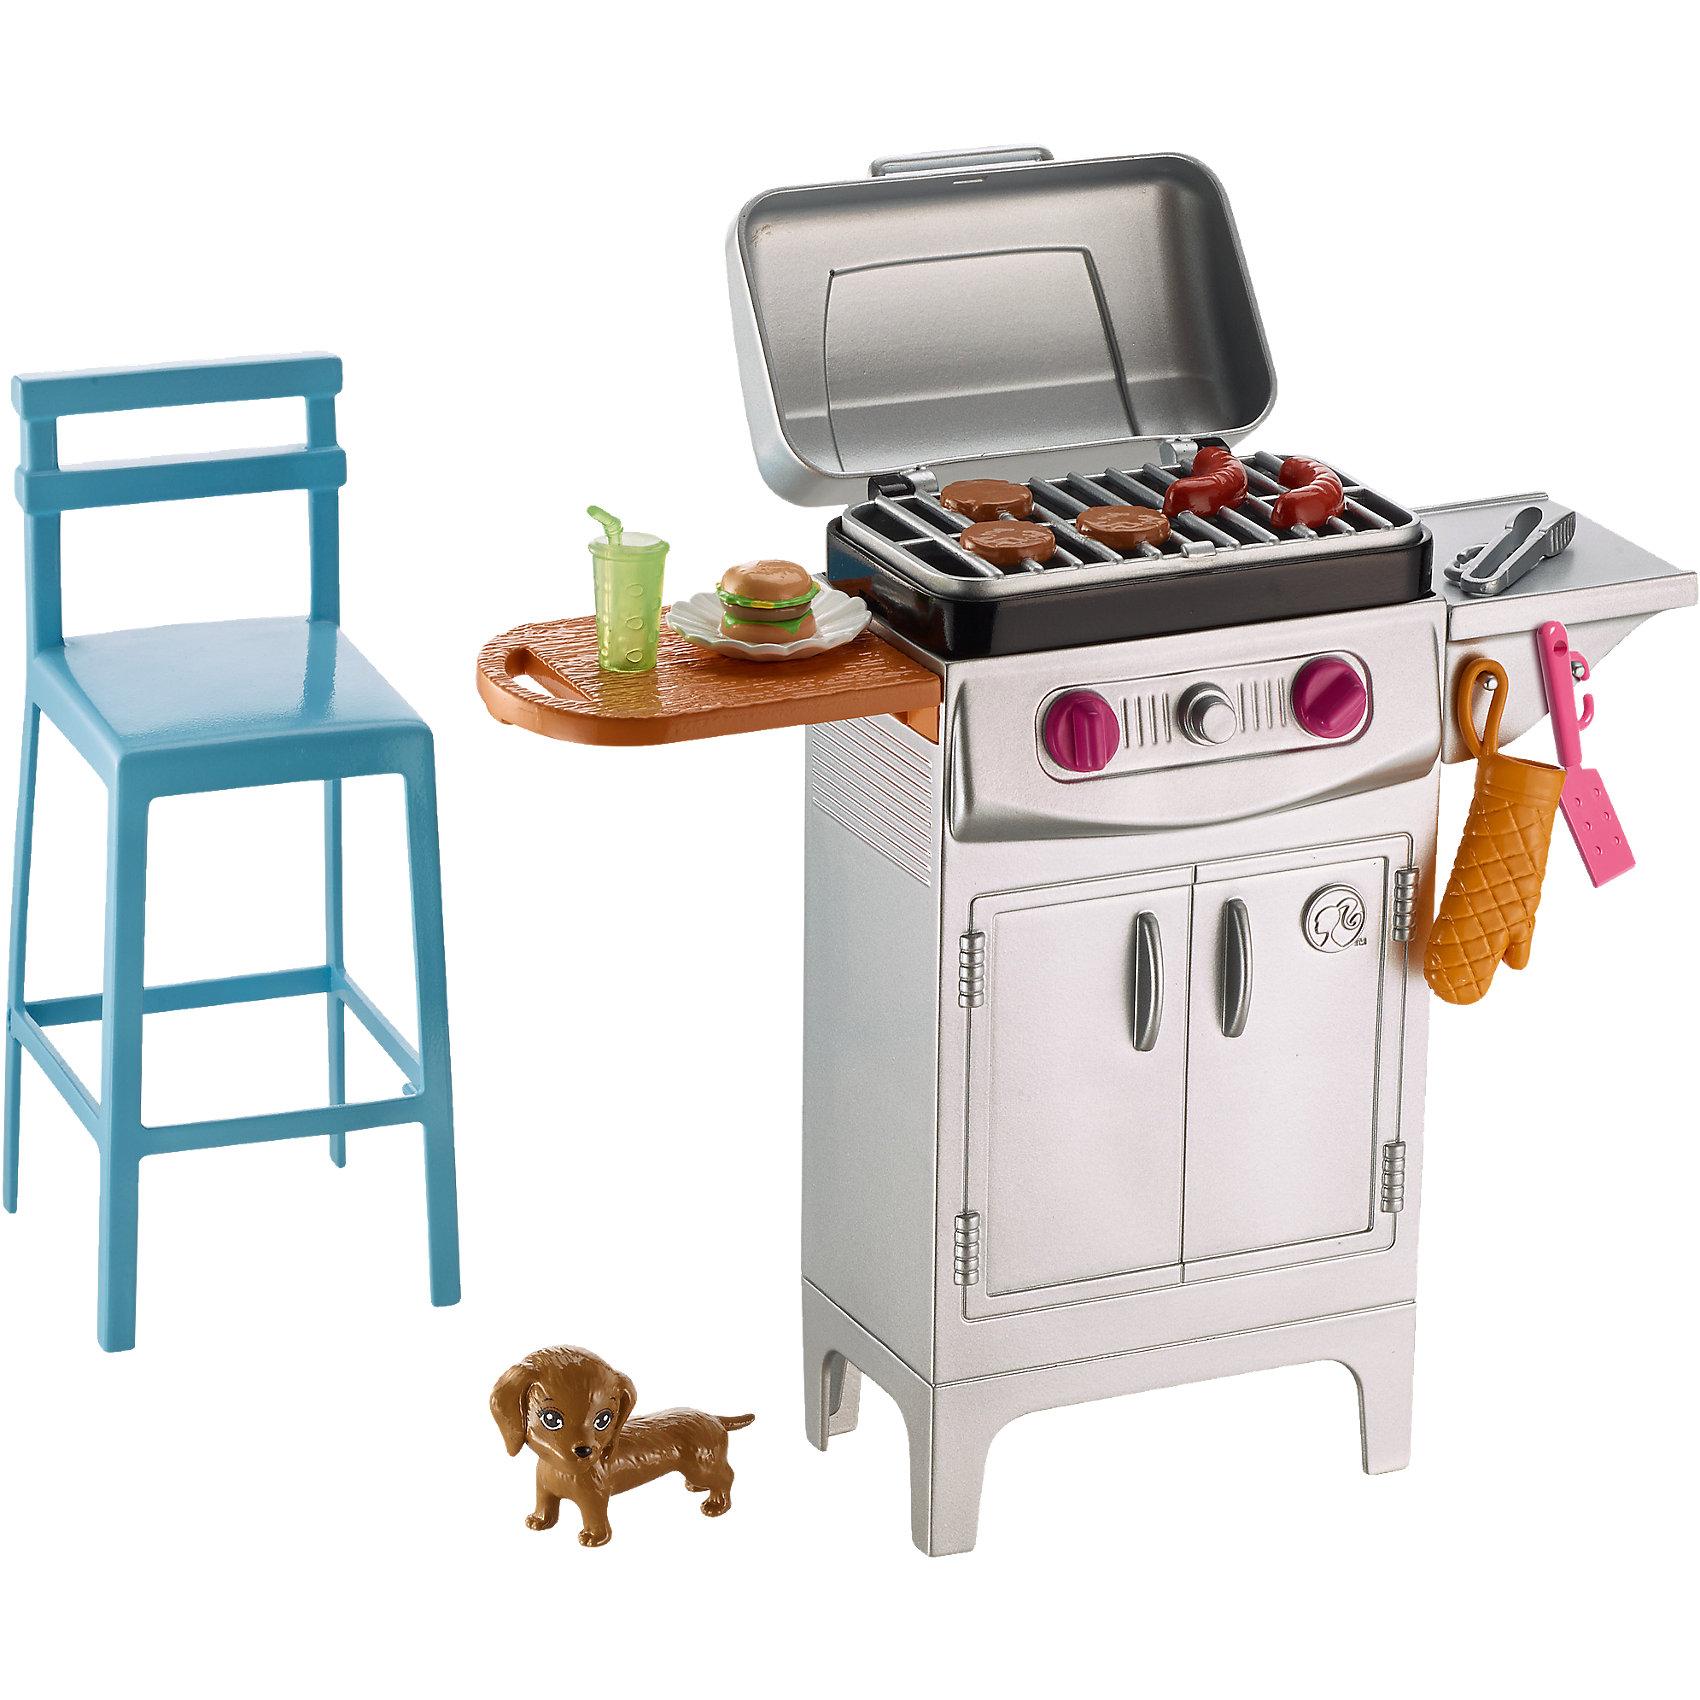 Набор мебели Гриль и стул из серии Отдых на природе, BarbieДомики и мебель<br>Характеристики товара:<br><br>• комплектация: гриль с посудой и продуктами, стул, питомец<br>• материал: пластик<br>• серия: Barbie™ Отдых на природе<br>• кукла продается отдельно<br>• упаковка: блистер<br>• возраст: от трех лет<br>• страна производства: Китай<br>• страна бренда: США<br><br>Этот симпатичный набор мебели поможет разнообразить игры с любимой куклой! В него входят вещи для организации кукле комфортного отдыха на природе в компании с любимым питомцем. Этот комплект мебели станет великолепным подарком для девочек!<br><br>Куклы - это не только весело, они помогают девочкам развить вкус и чувство стиля, отработать сценарии поведения в обществе, развить воображение и мелкую моторику. Кукла Barbie от бренда Mattel не перестает быть популярной! <br><br>Набор мебели Гриль и стул из серии Отдых на природе от компании Mattel можно купить в нашем интернет-магазине.<br><br>Ширина мм: 273<br>Глубина мм: 192<br>Высота мм: 86<br>Вес г: 284<br>Возраст от месяцев: 36<br>Возраст до месяцев: 72<br>Пол: Женский<br>Возраст: Детский<br>SKU: 5257113